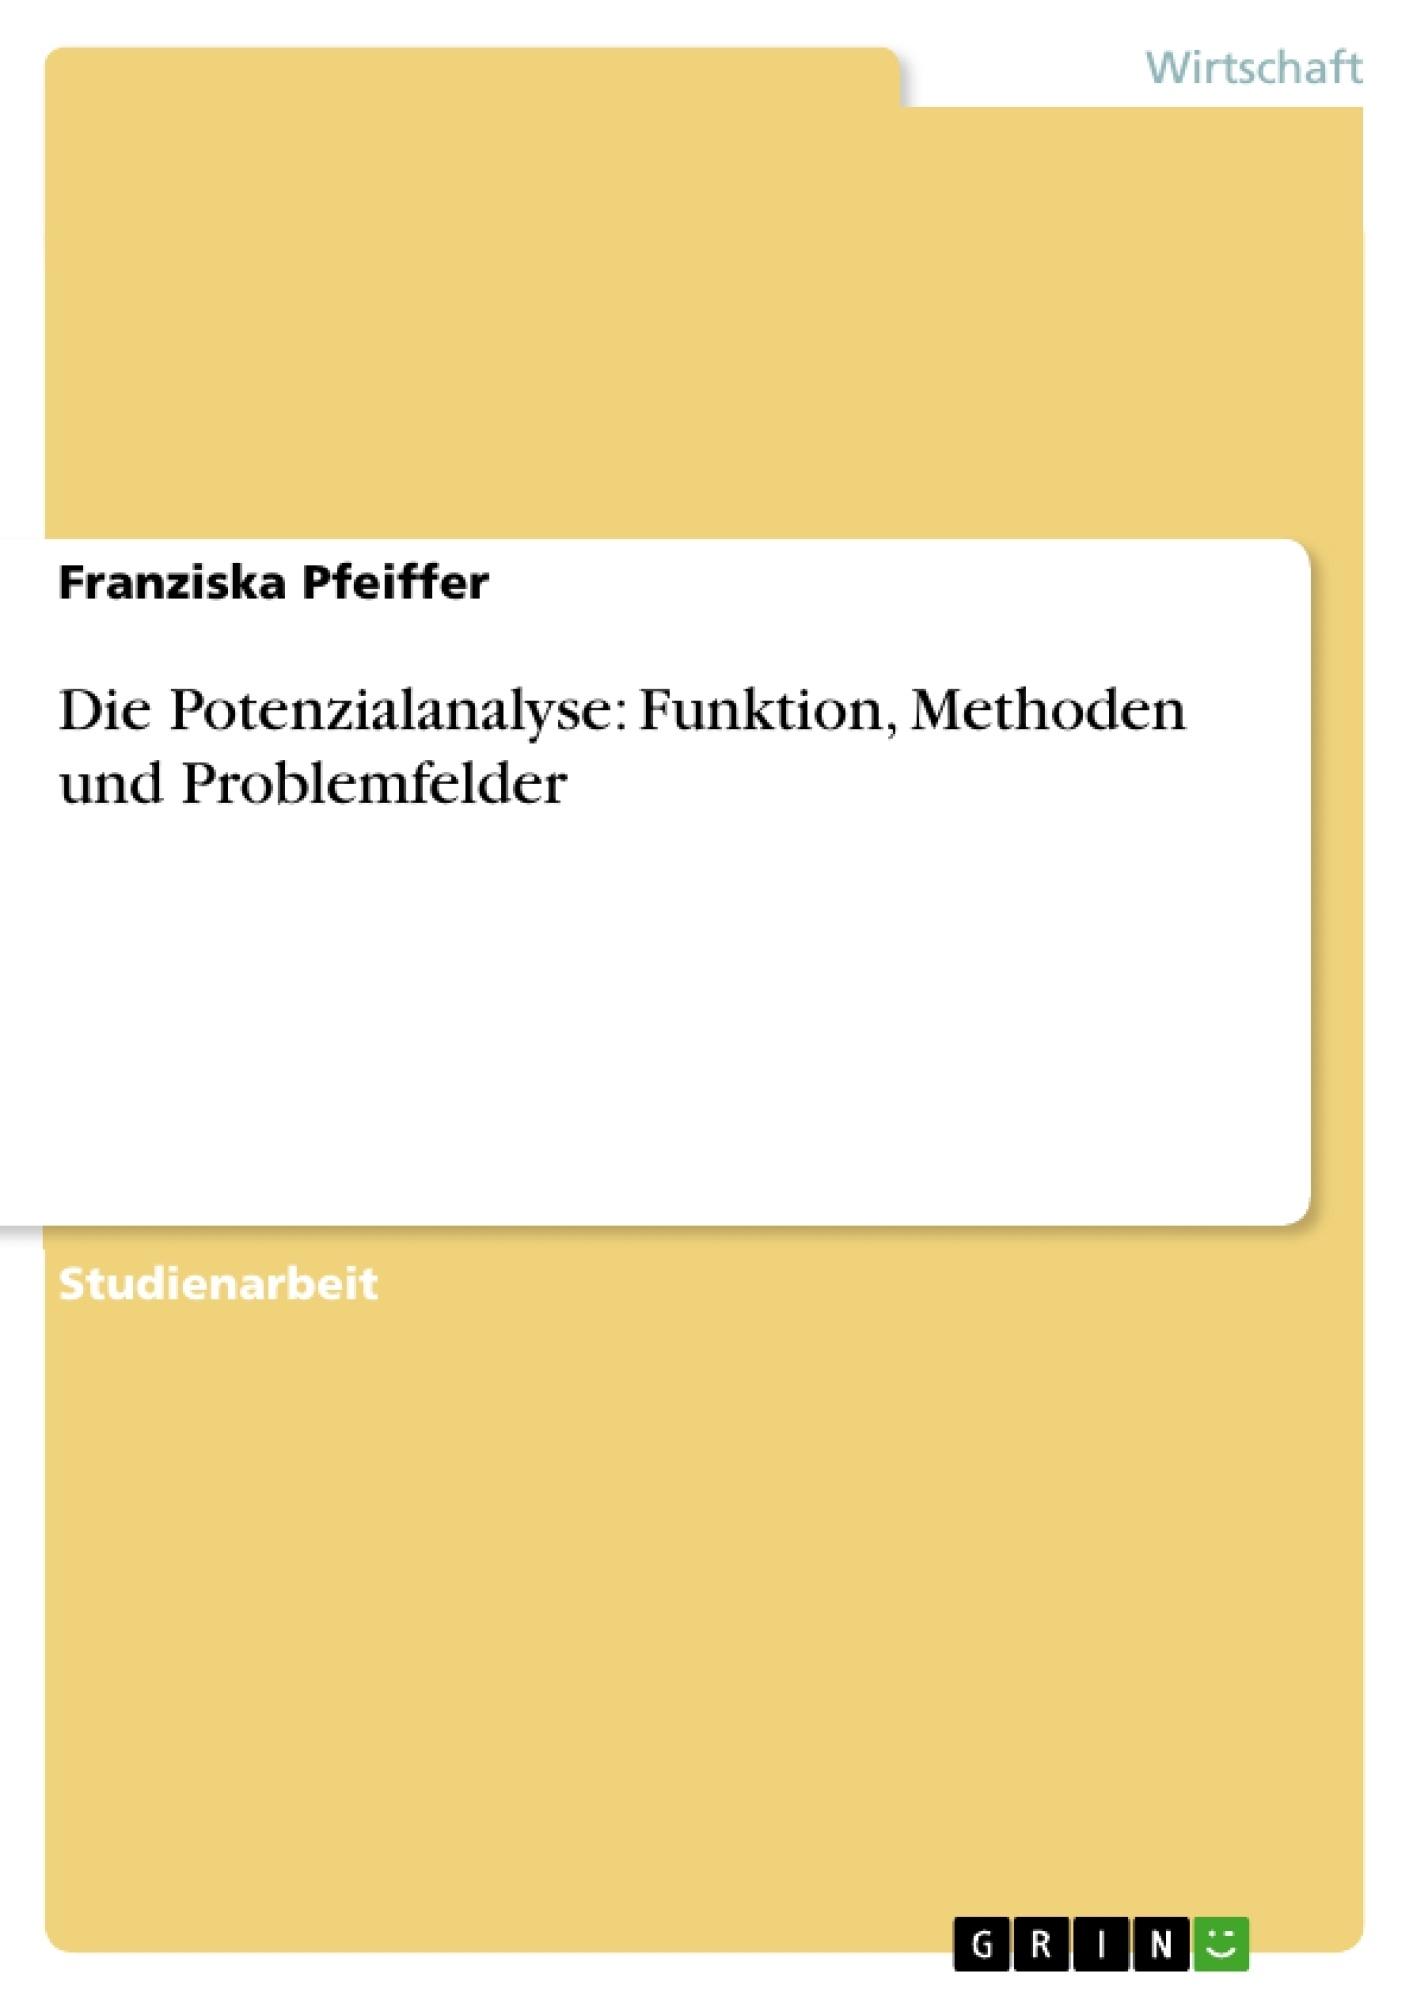 Titel: Die Potenzialanalyse: Funktion, Methoden und Problemfelder